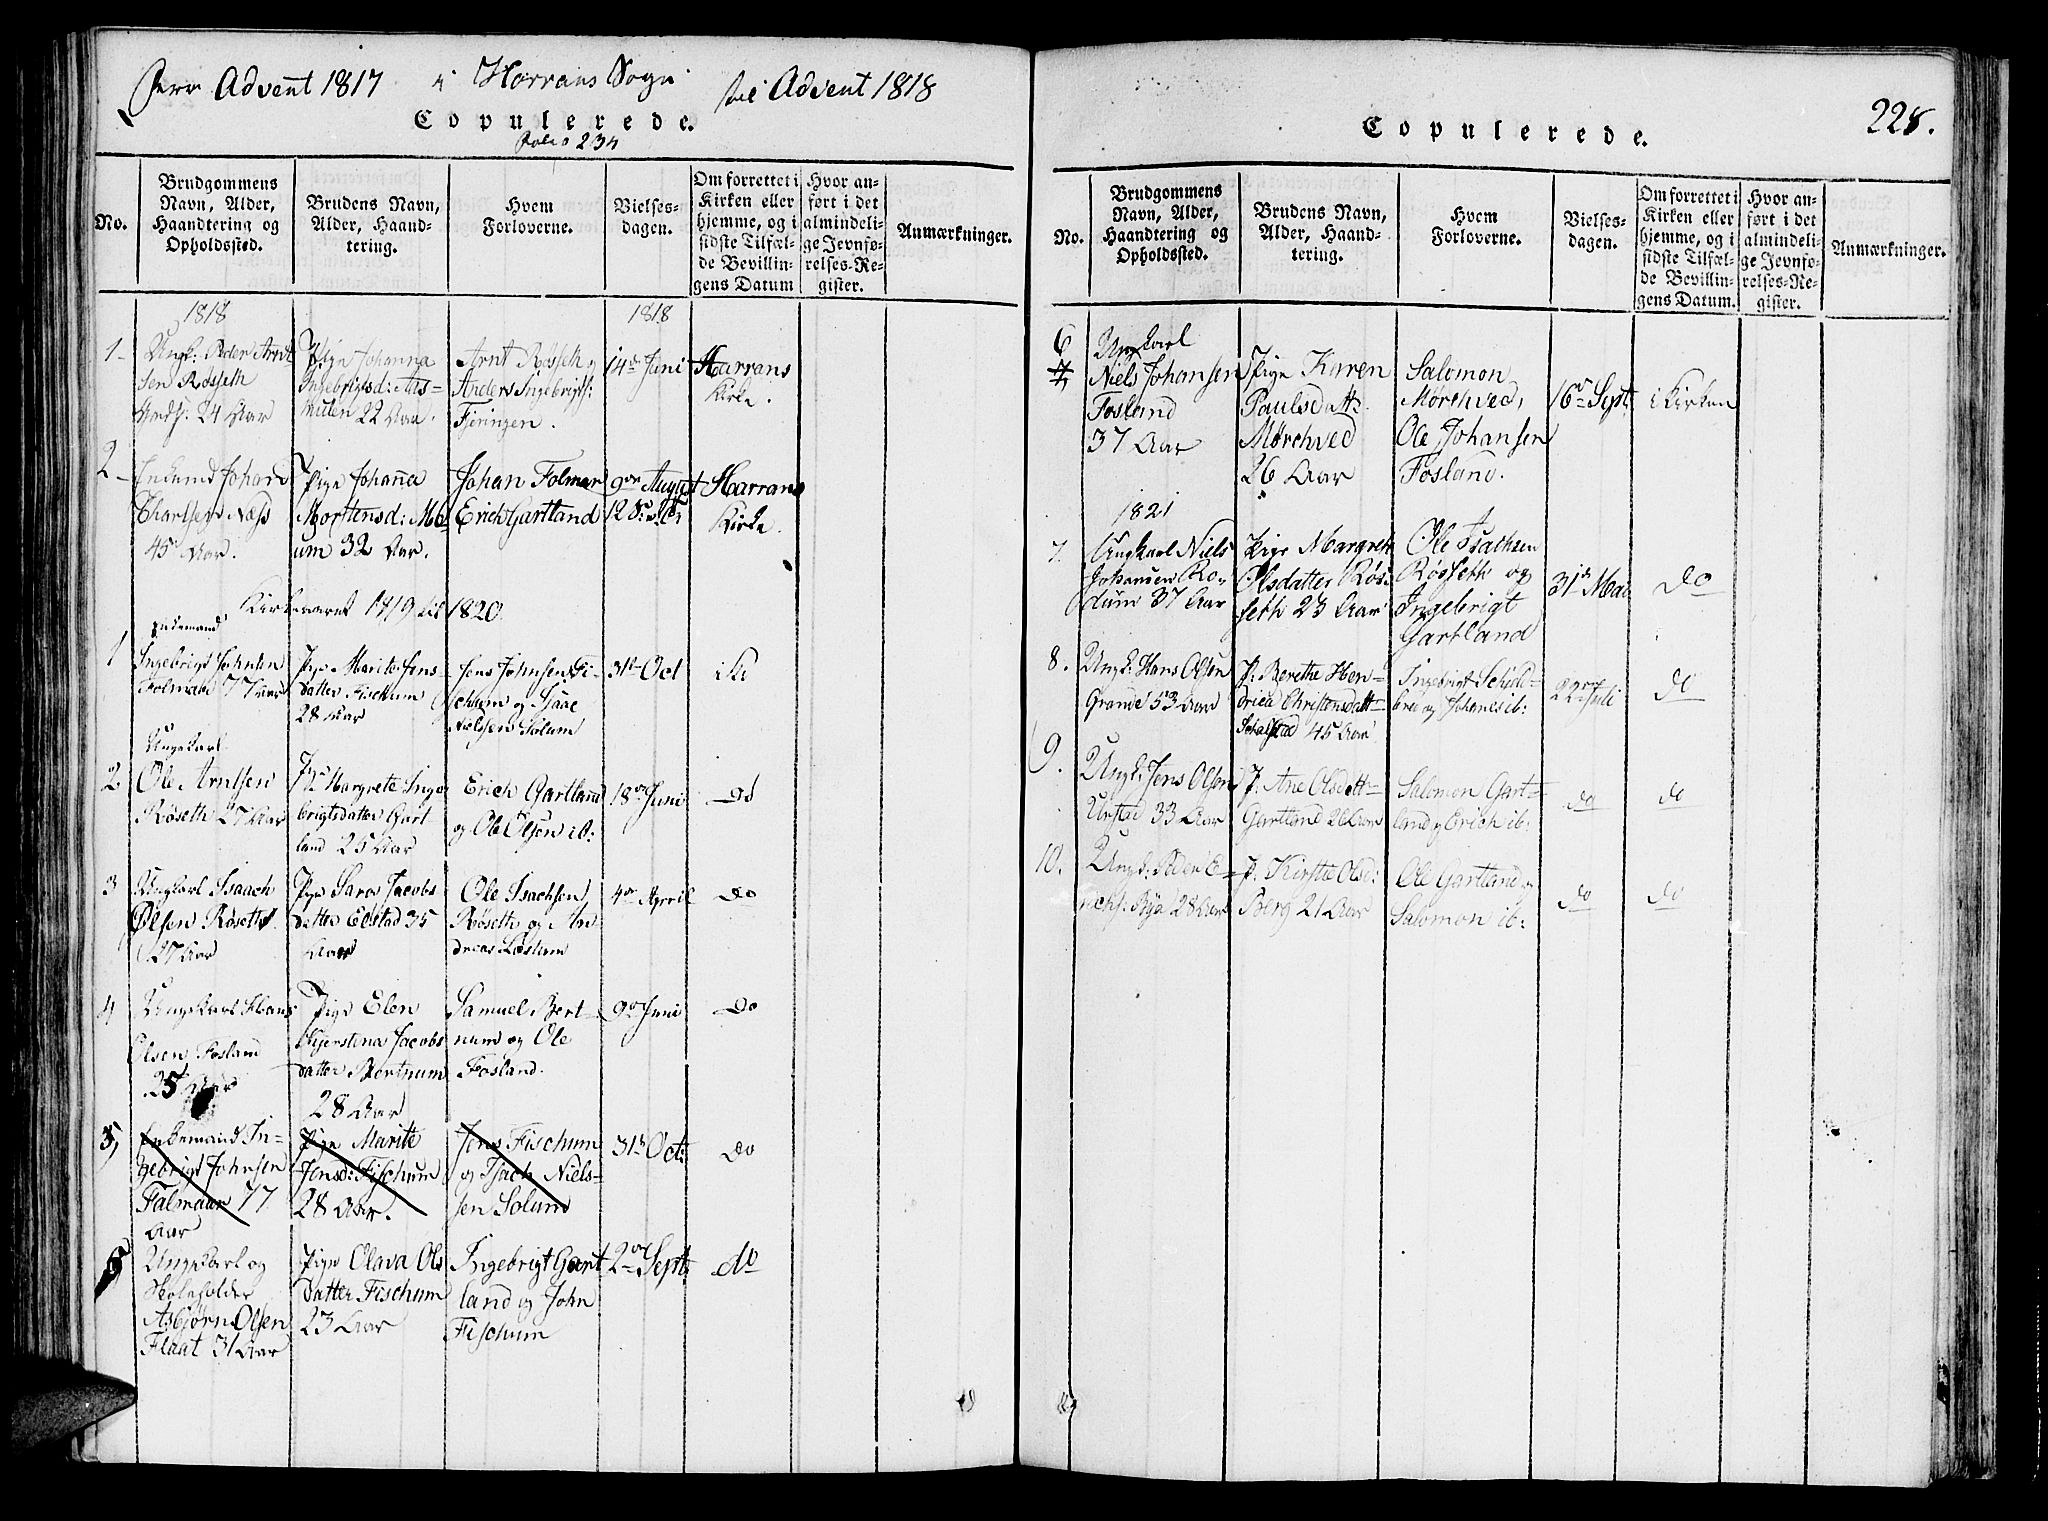 SAT, Ministerialprotokoller, klokkerbøker og fødselsregistre - Nord-Trøndelag, 764/L0546: Ministerialbok nr. 764A06 /5, 1818-1821, s. 228